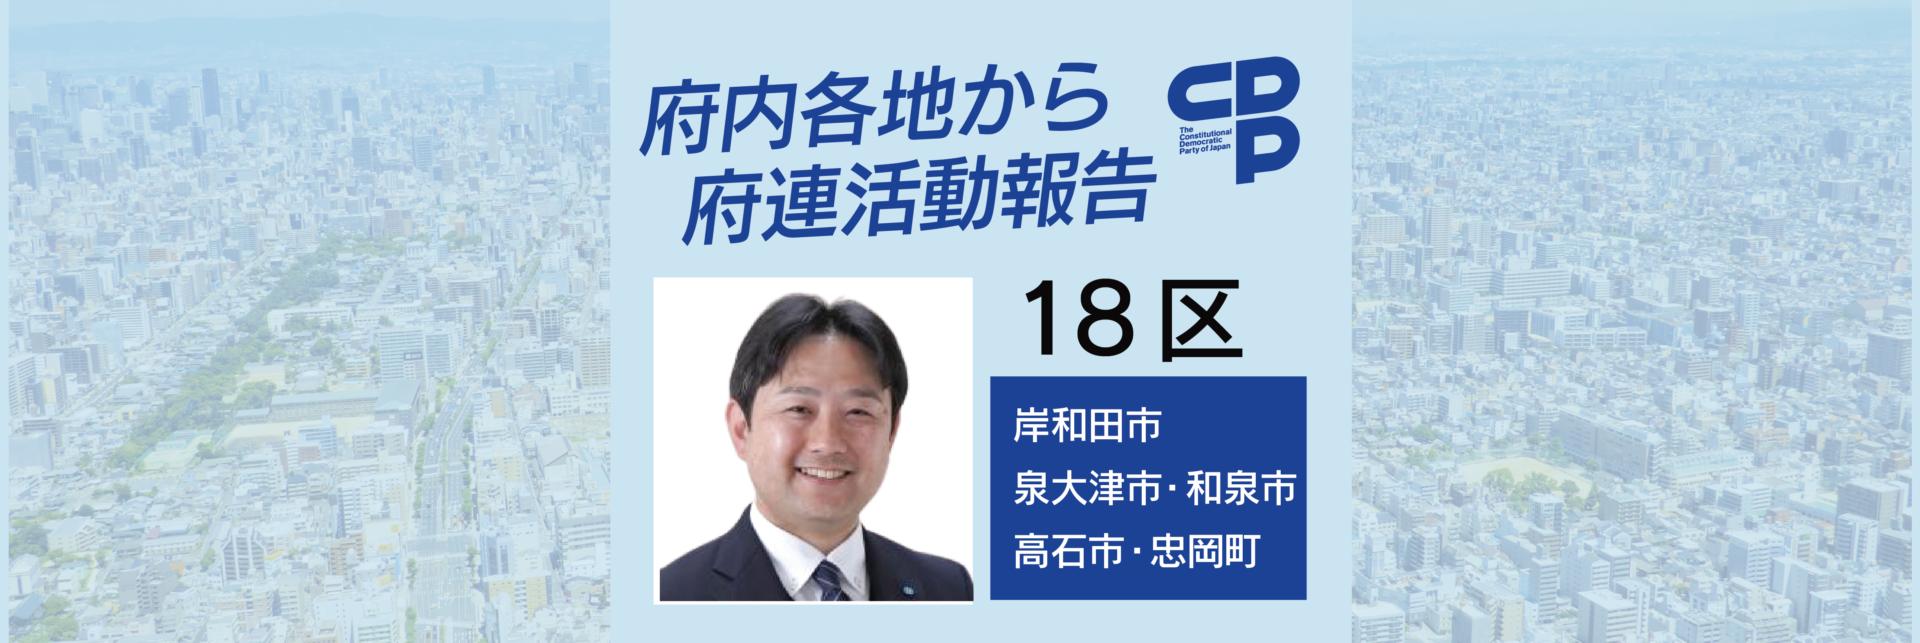 府内各地から活動報告【大阪18区】